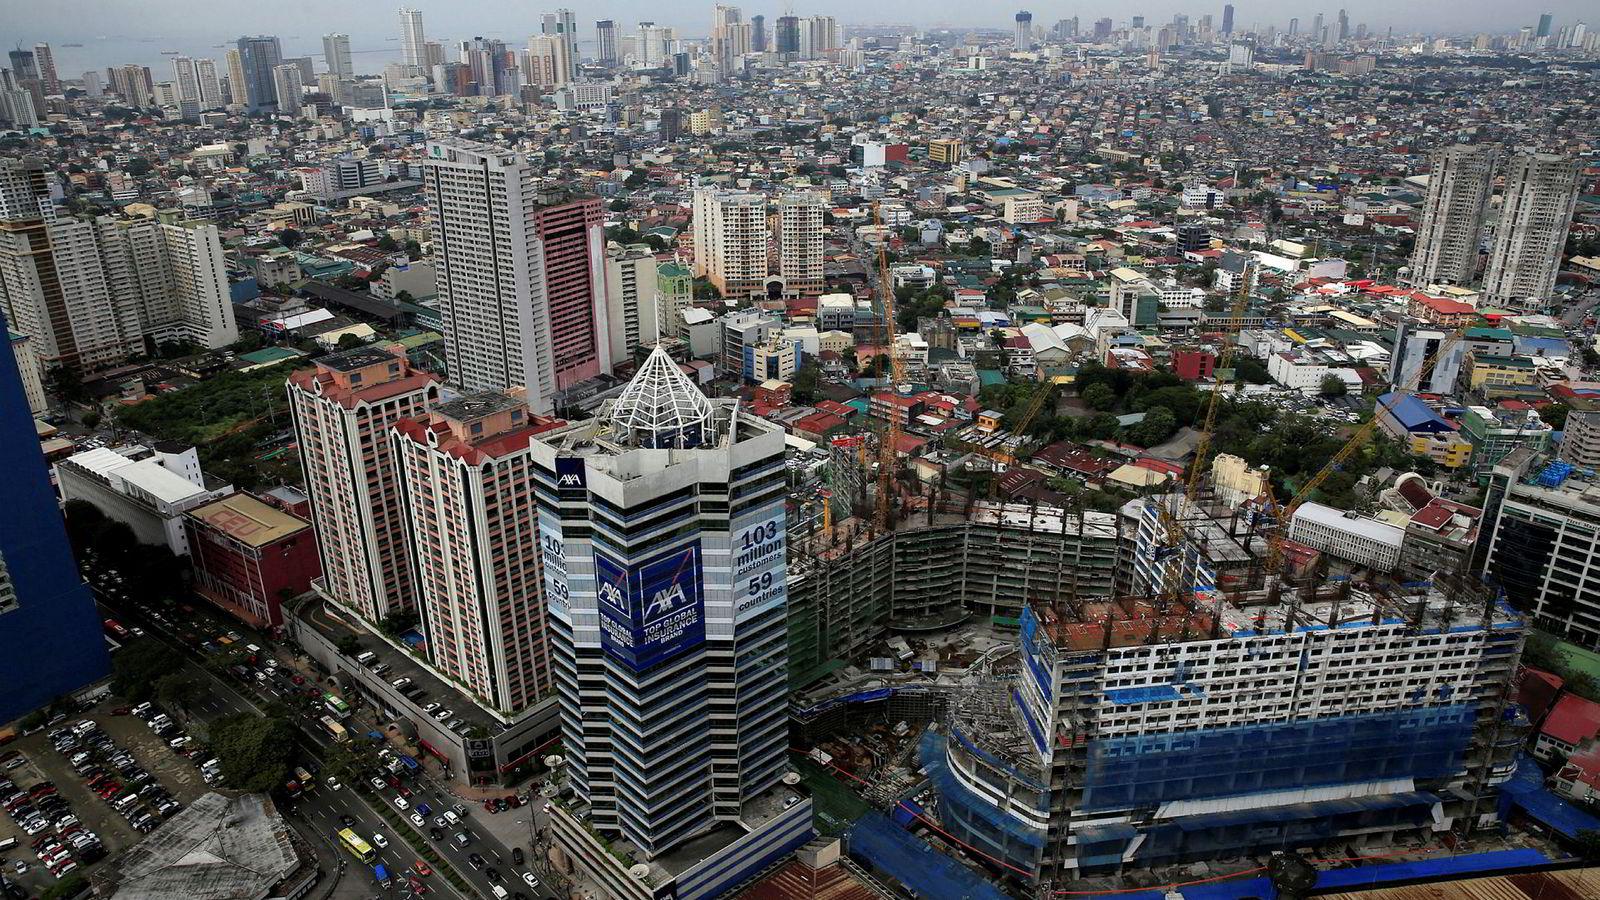 Den filippinske økonomien har en av verdens høyeste økonomiske vekstrater. I bydelen Makati i Manila er det høy aktivitet. Nå vil det meste av norsk eksport til Filippinene slippe unna importtoll.